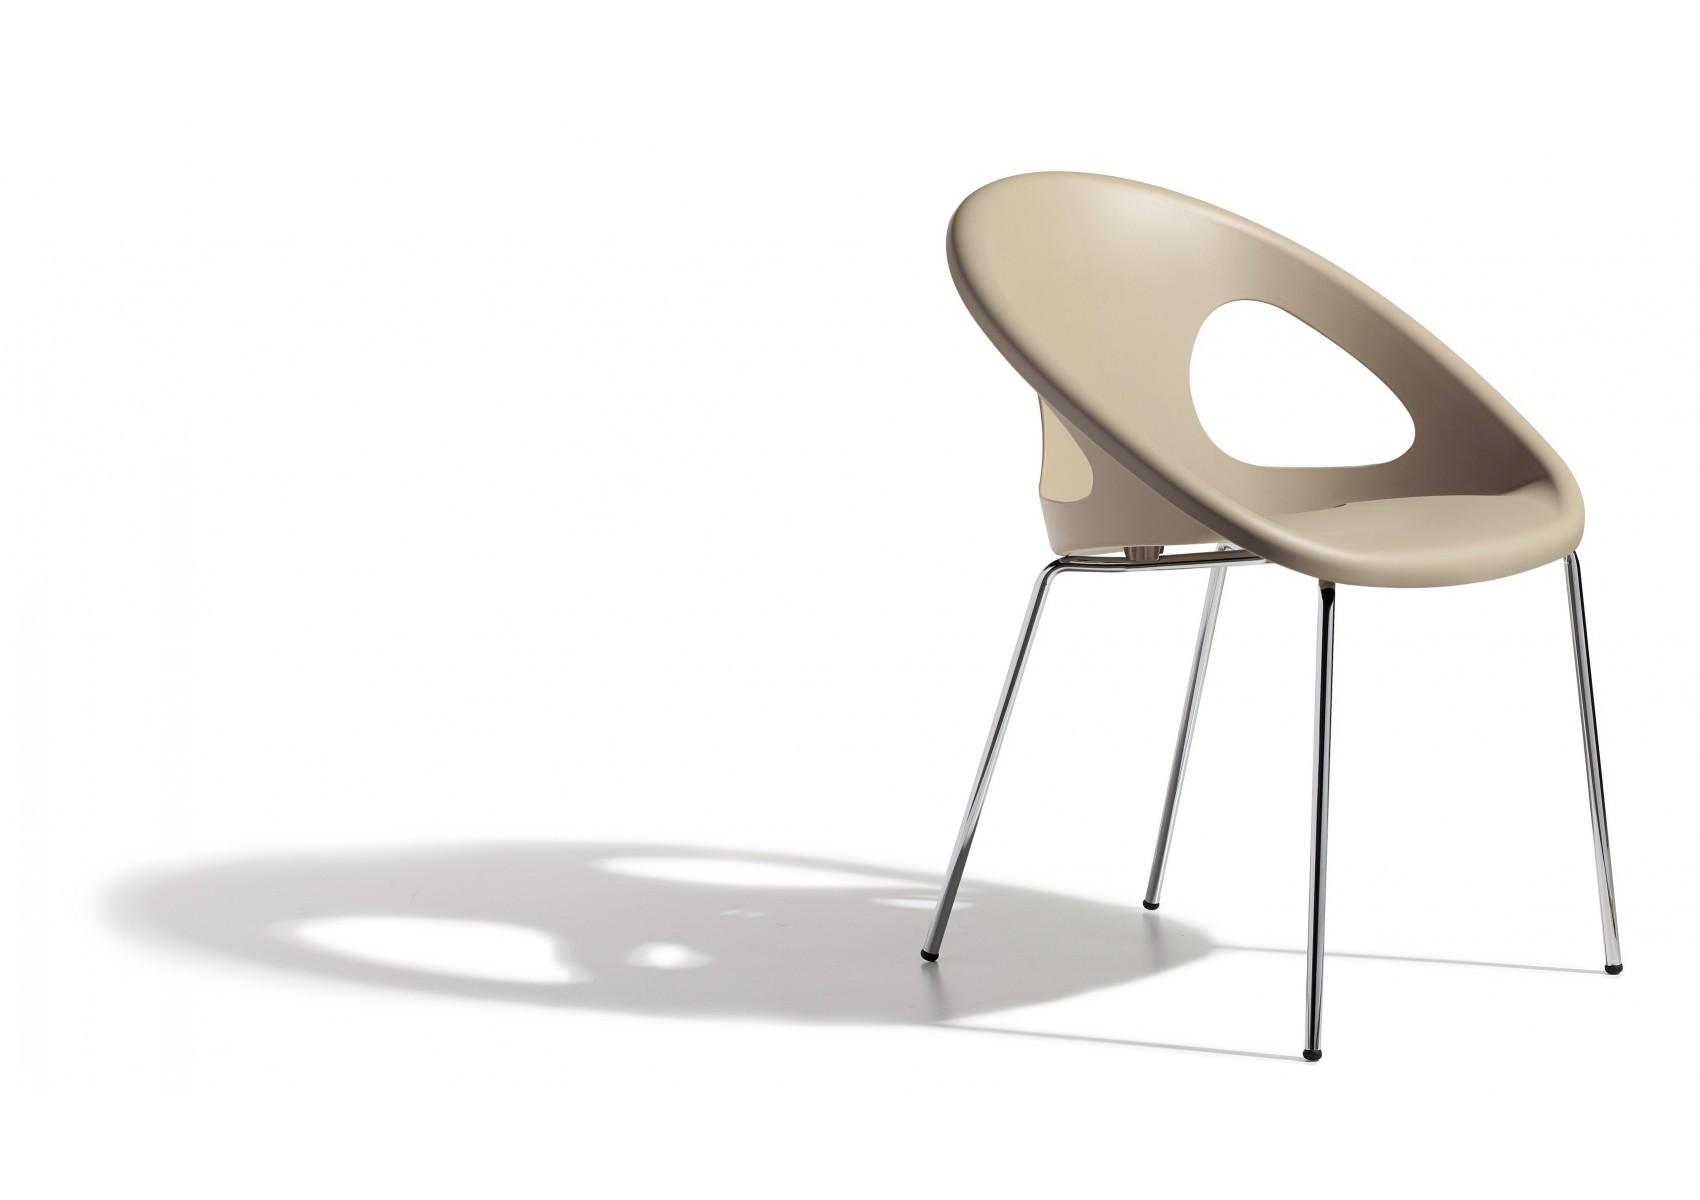 chaise originale drop par scab design. Black Bedroom Furniture Sets. Home Design Ideas